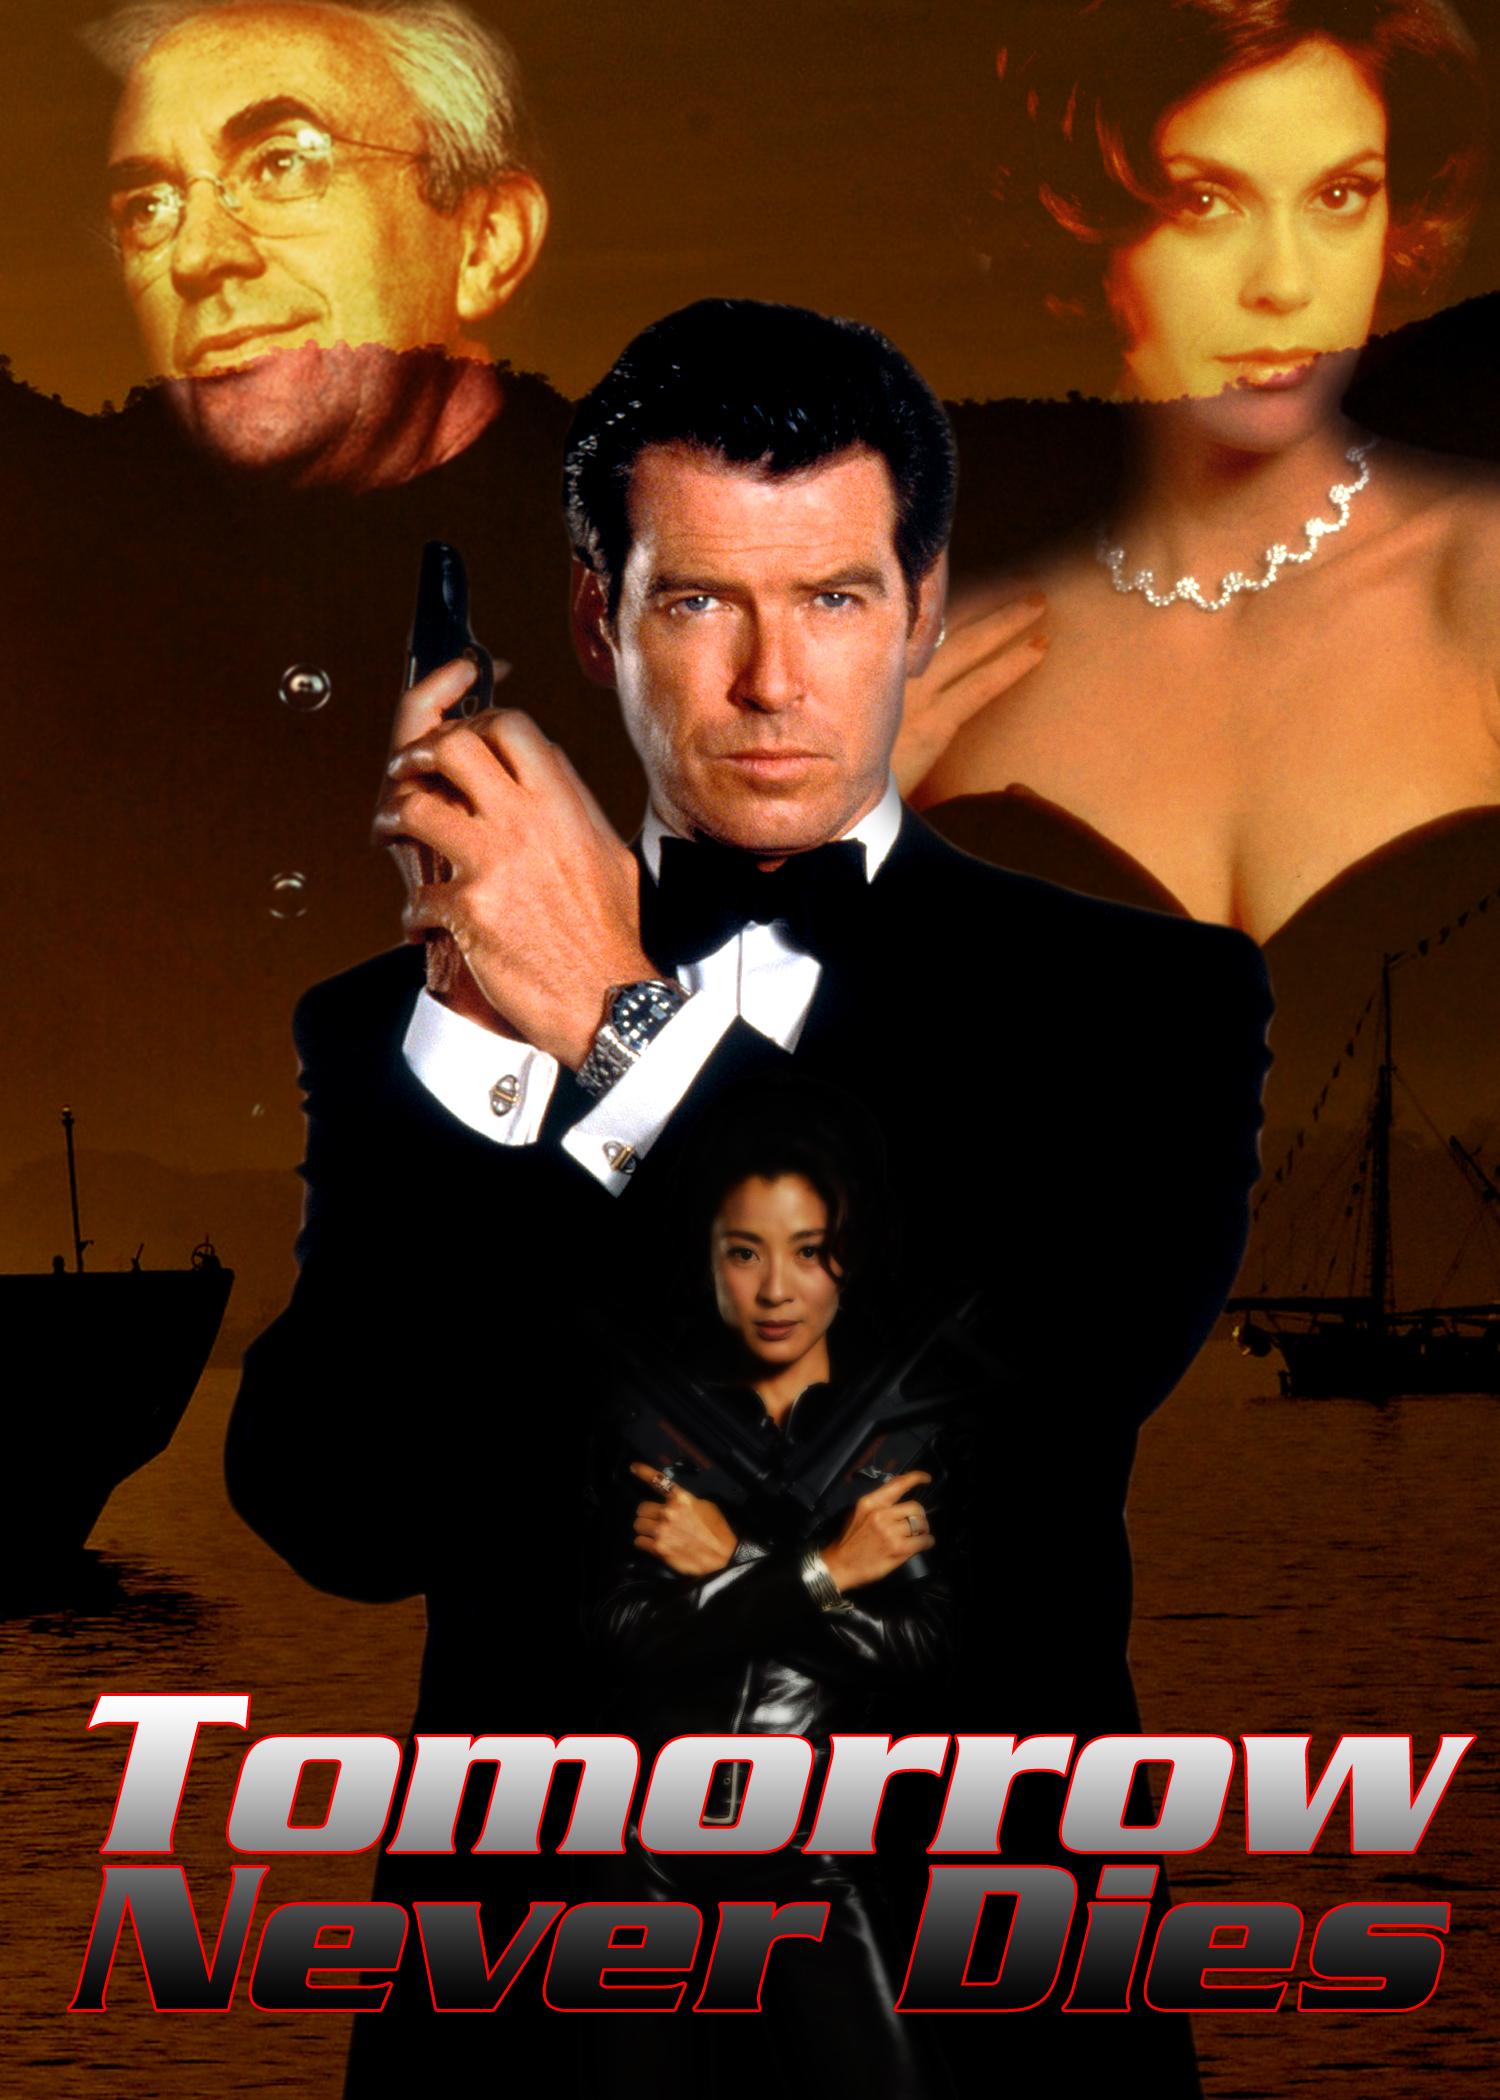 tomorrow_never_dies_poster_by_comandercool22-d68ldad.jpg